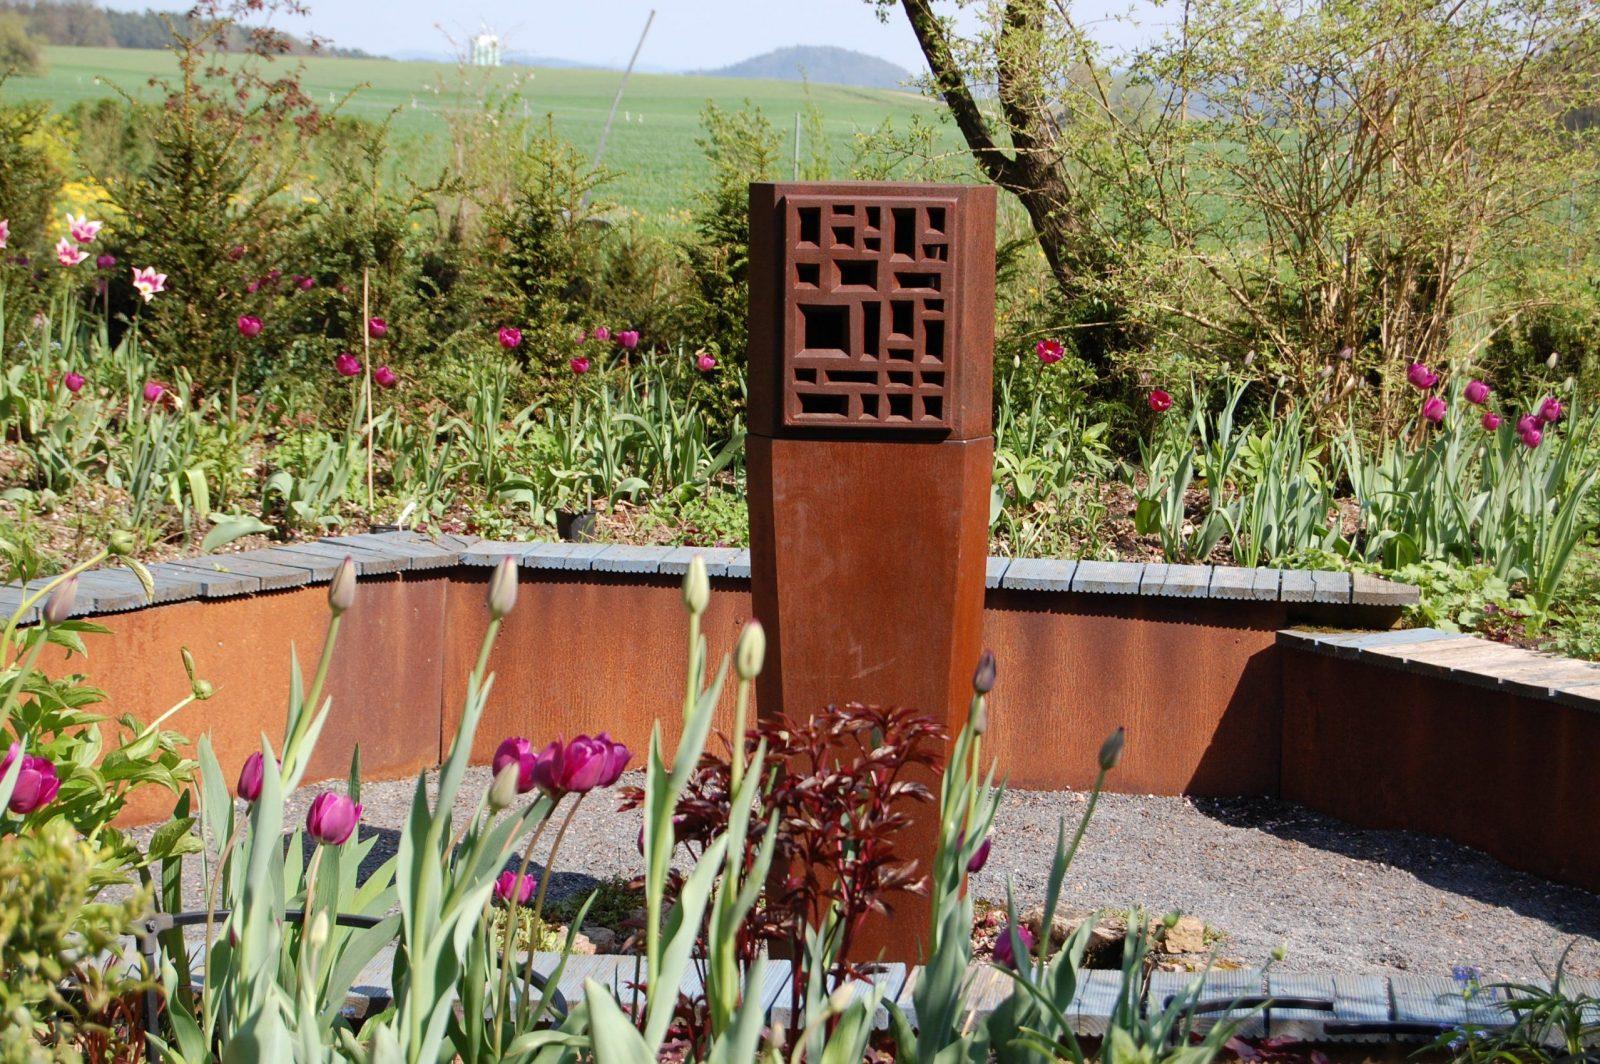 Kunst Im Garten Dialog Aus Metall Und Textil  Heidi Höhn von Skulpturen Aus Metall Für Den Garten Bild